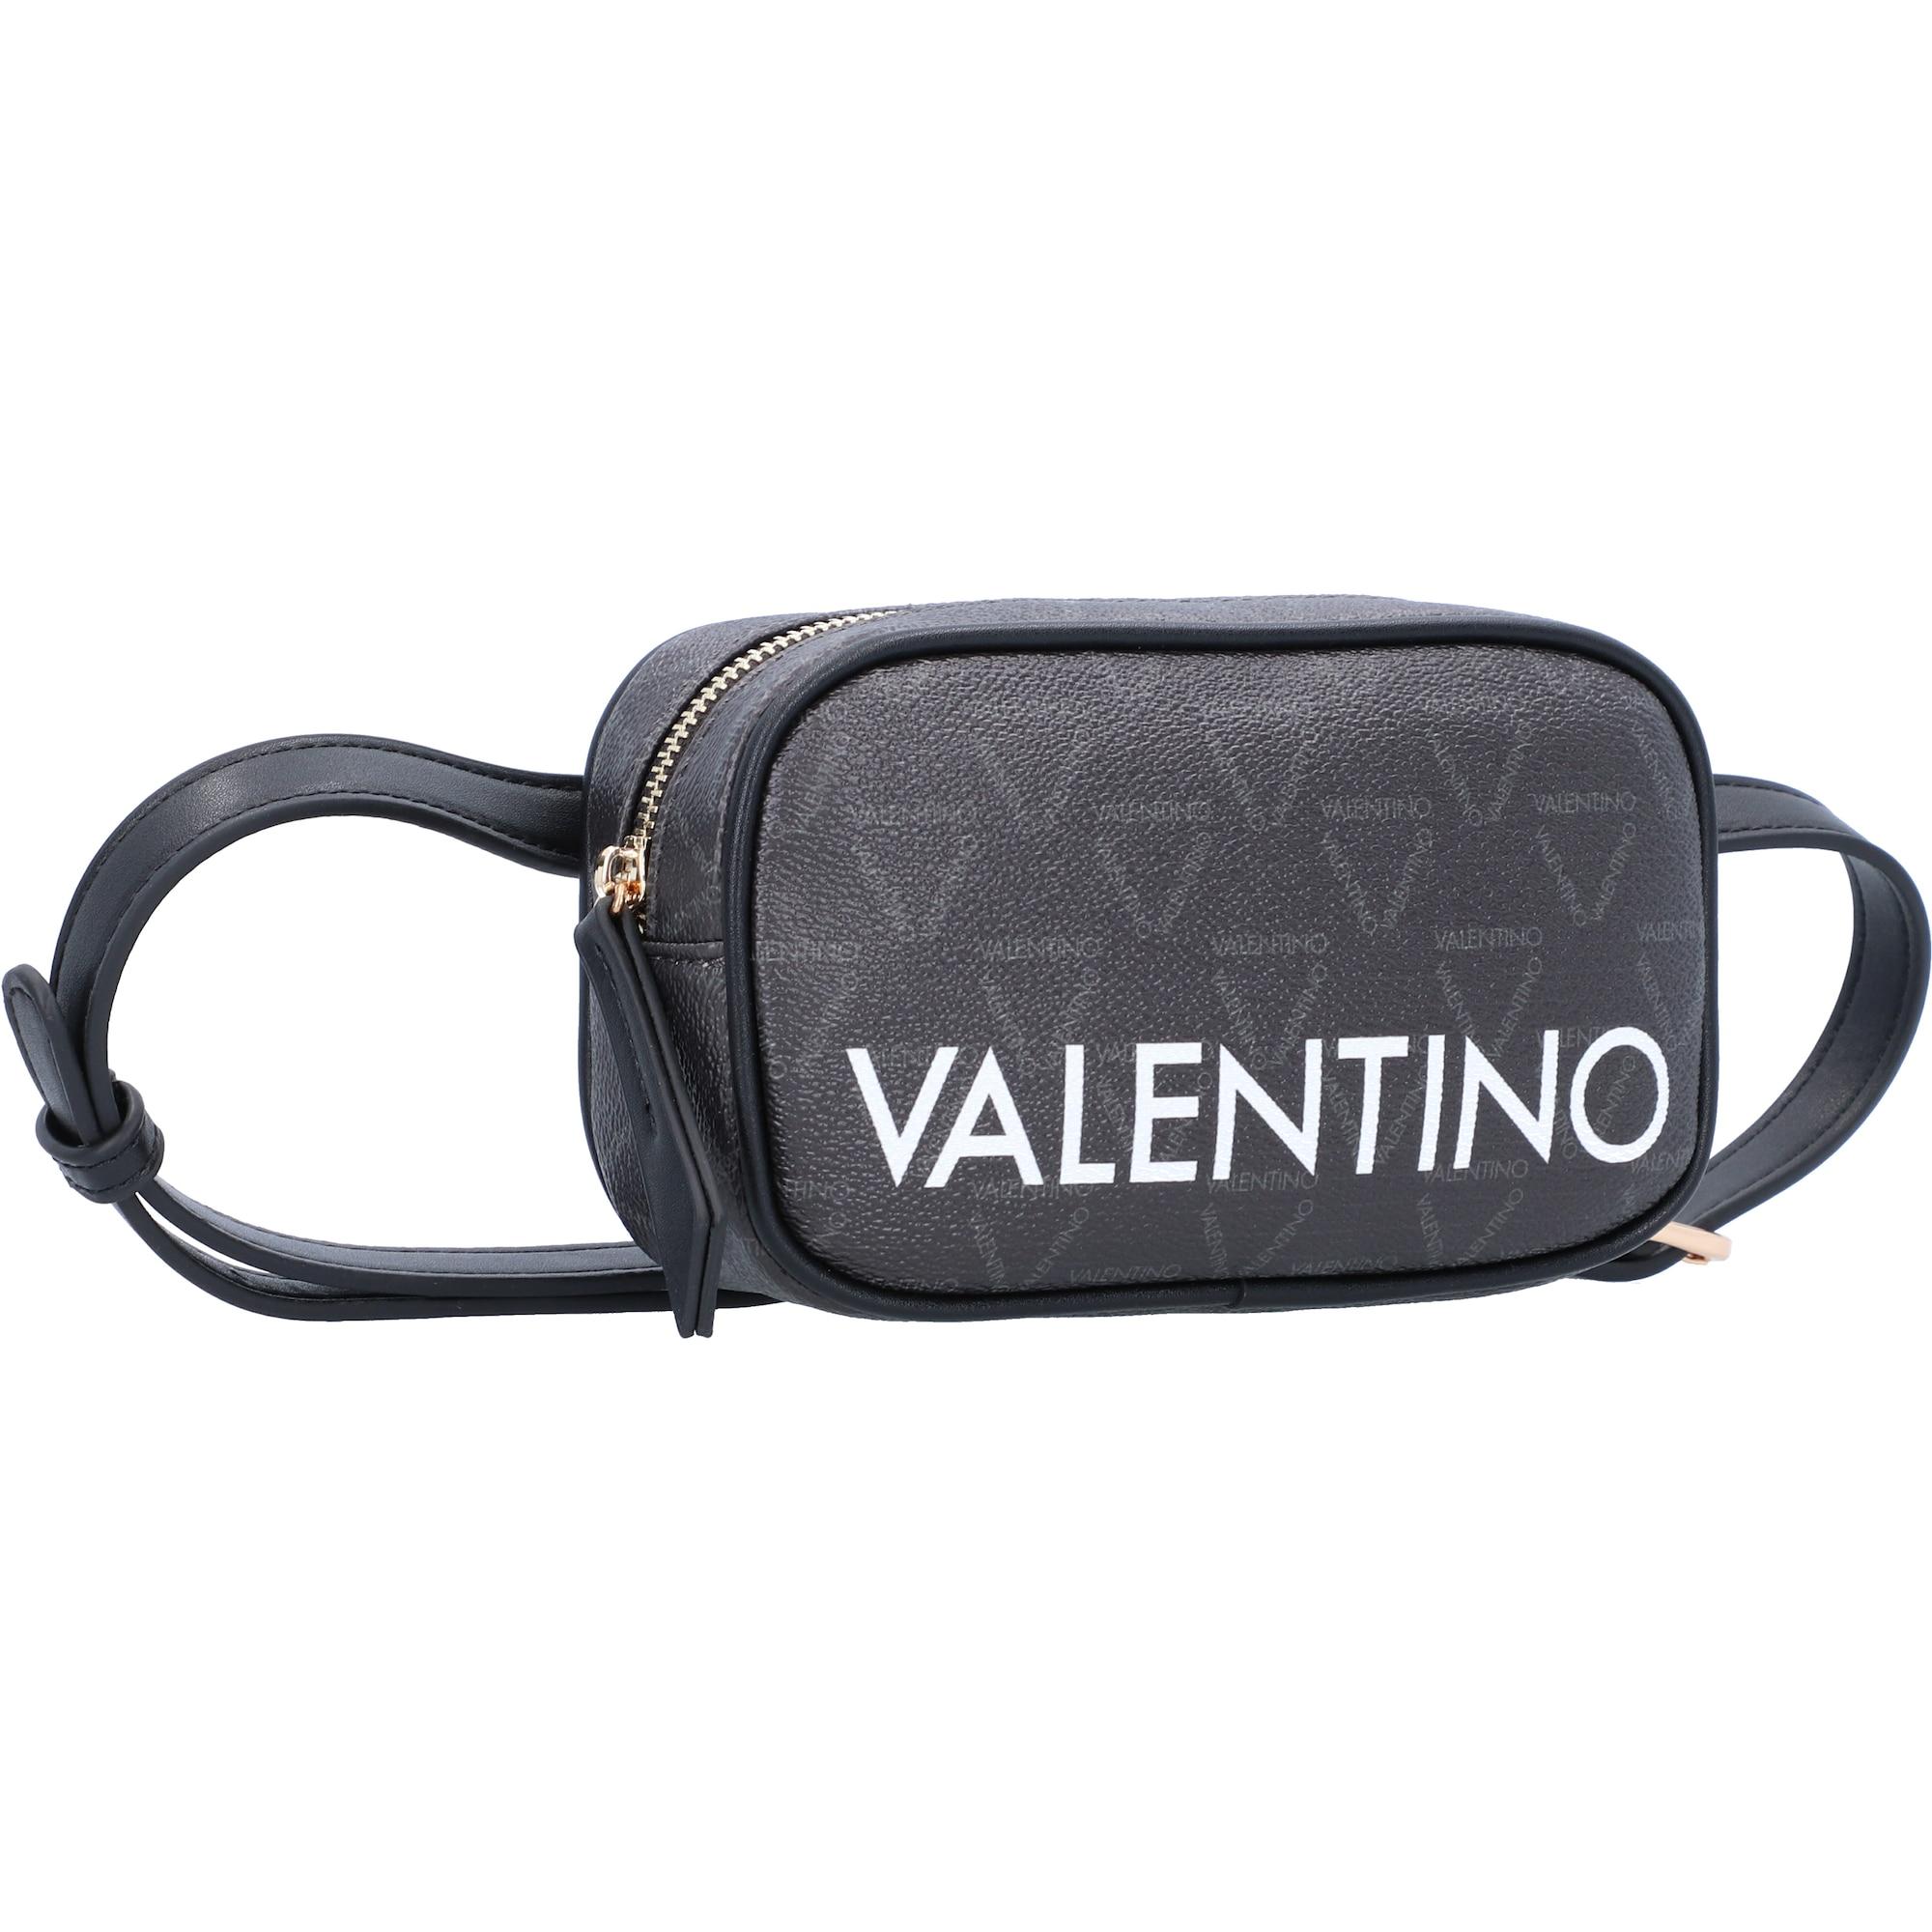 valentino by mario valentino - Gürteltasche 'Liuto' 18cm